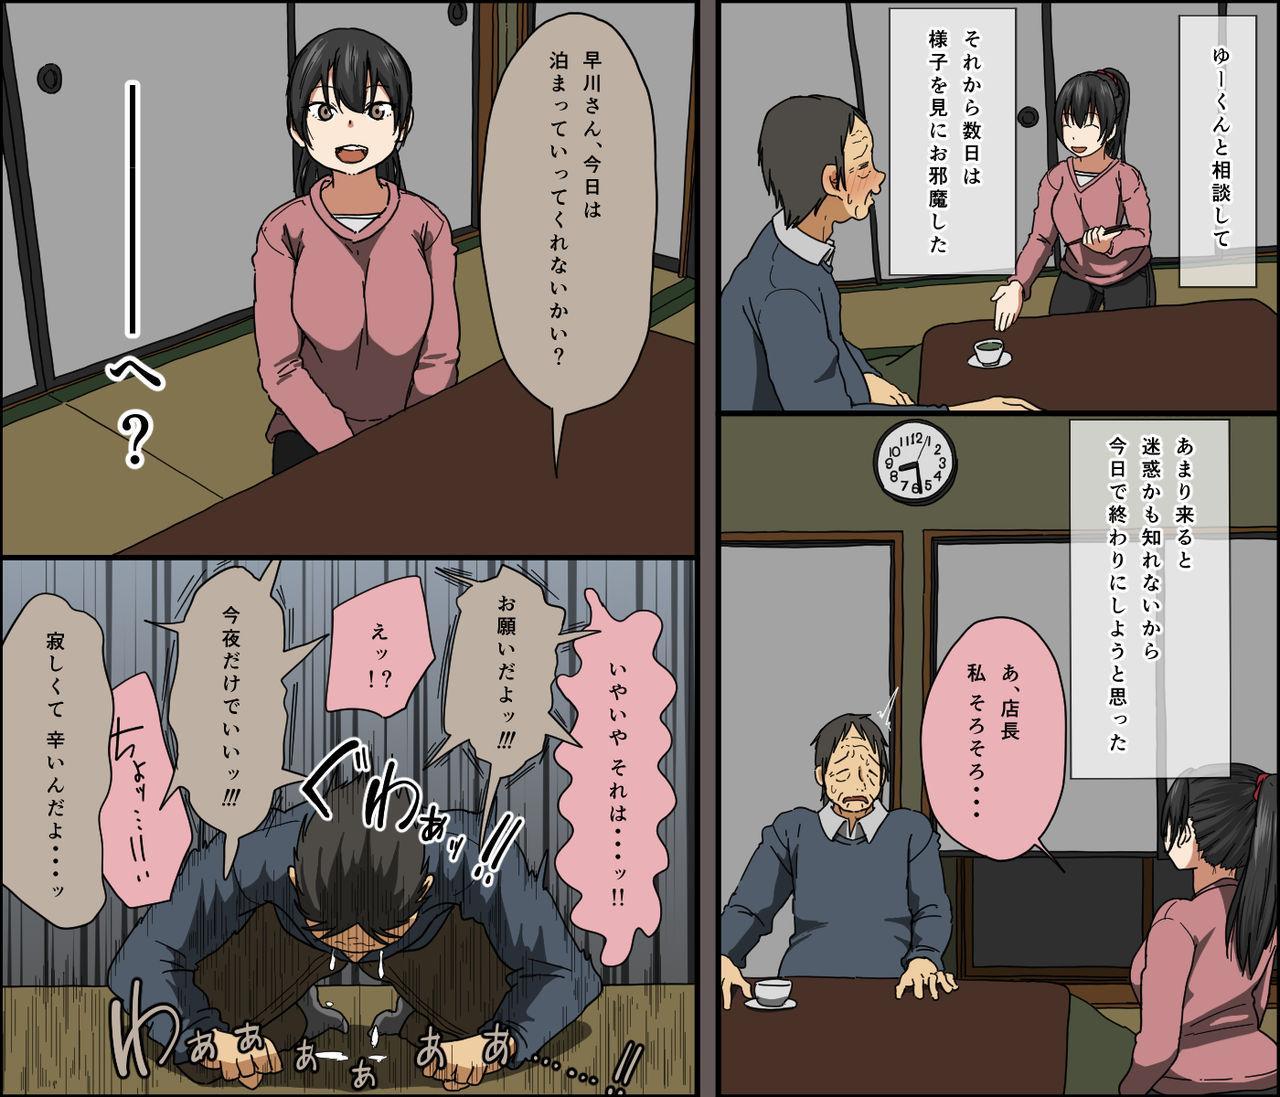 Aitsu ga Katta Gom no Size wa Ore no yori Dekakatta 7